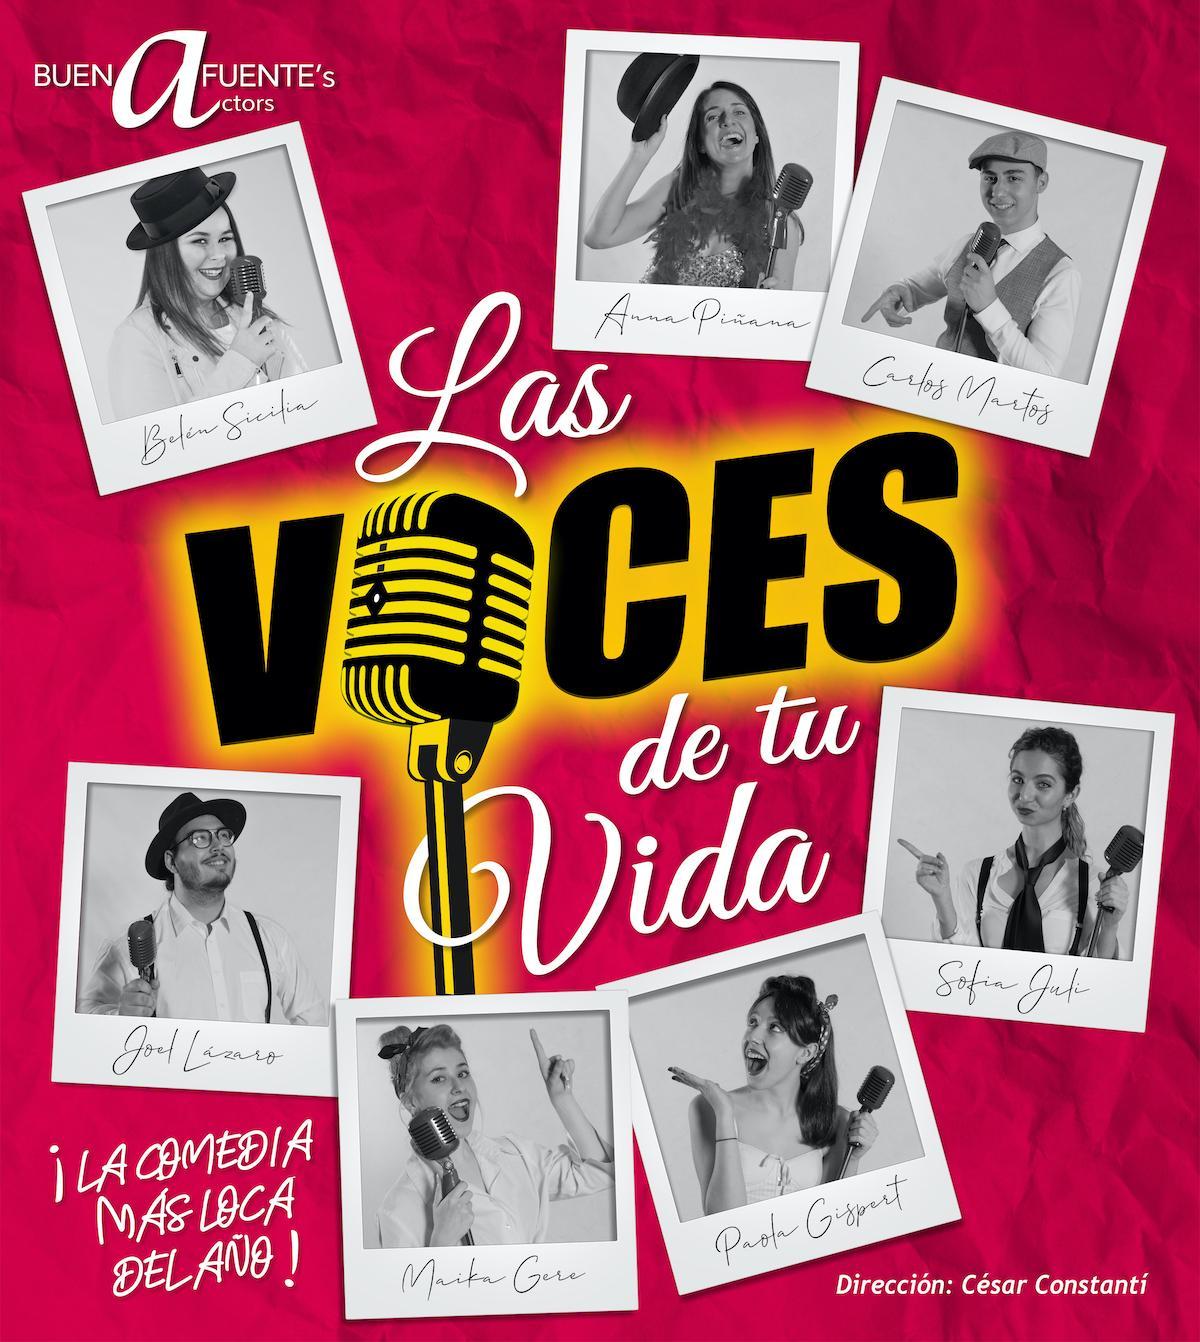 Las voces de tu vidaE